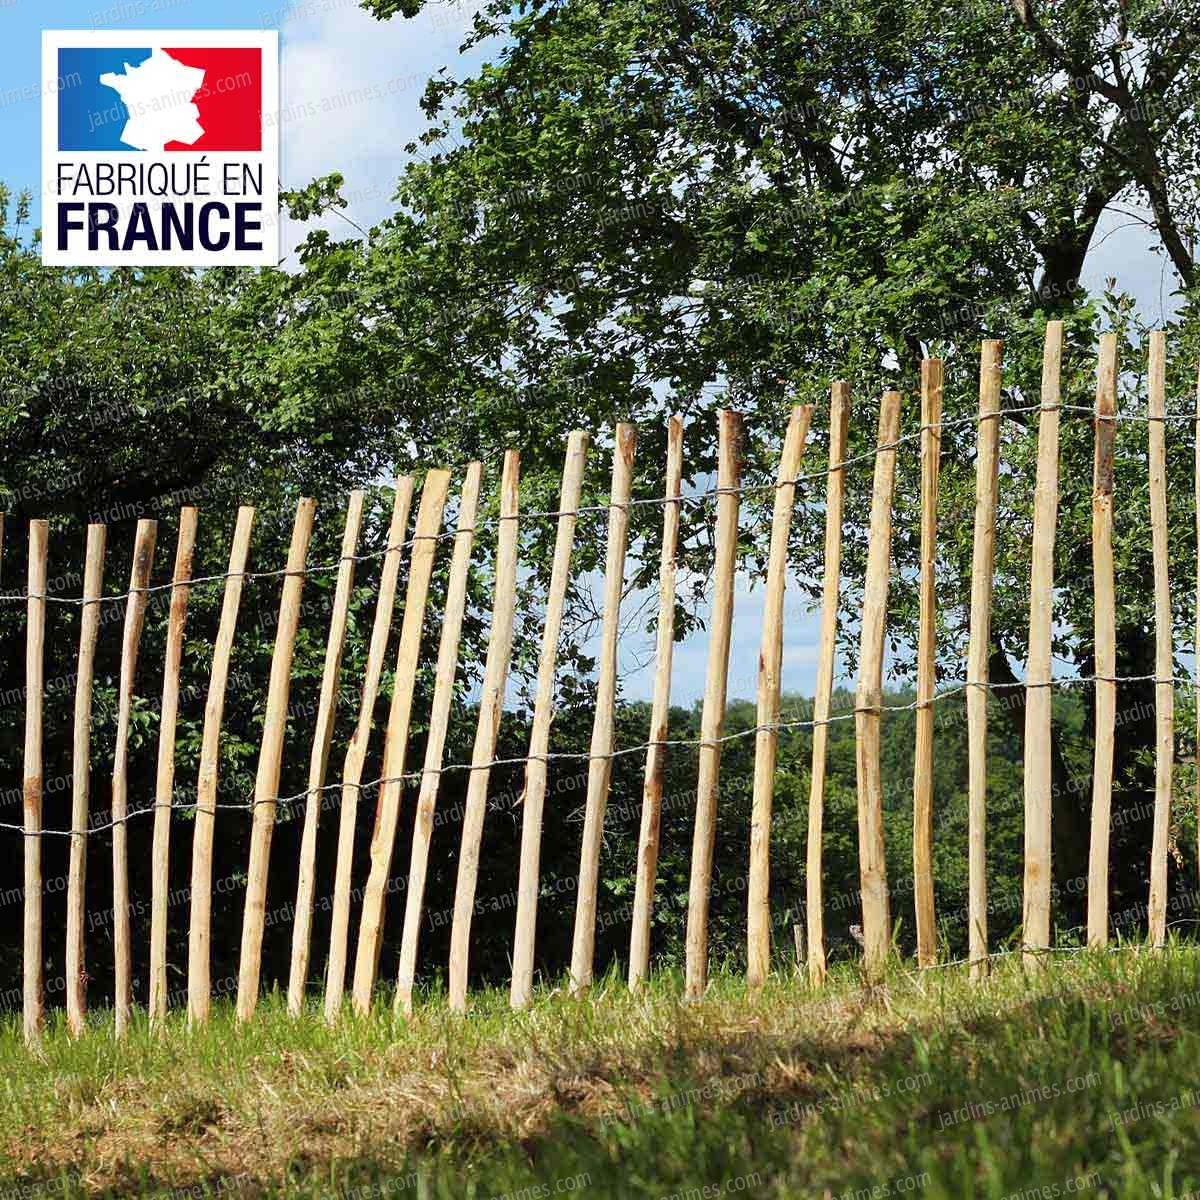 Ganivelle - Cloture En Châtaignier encequiconcerne Barriere Jardin Pour Chien